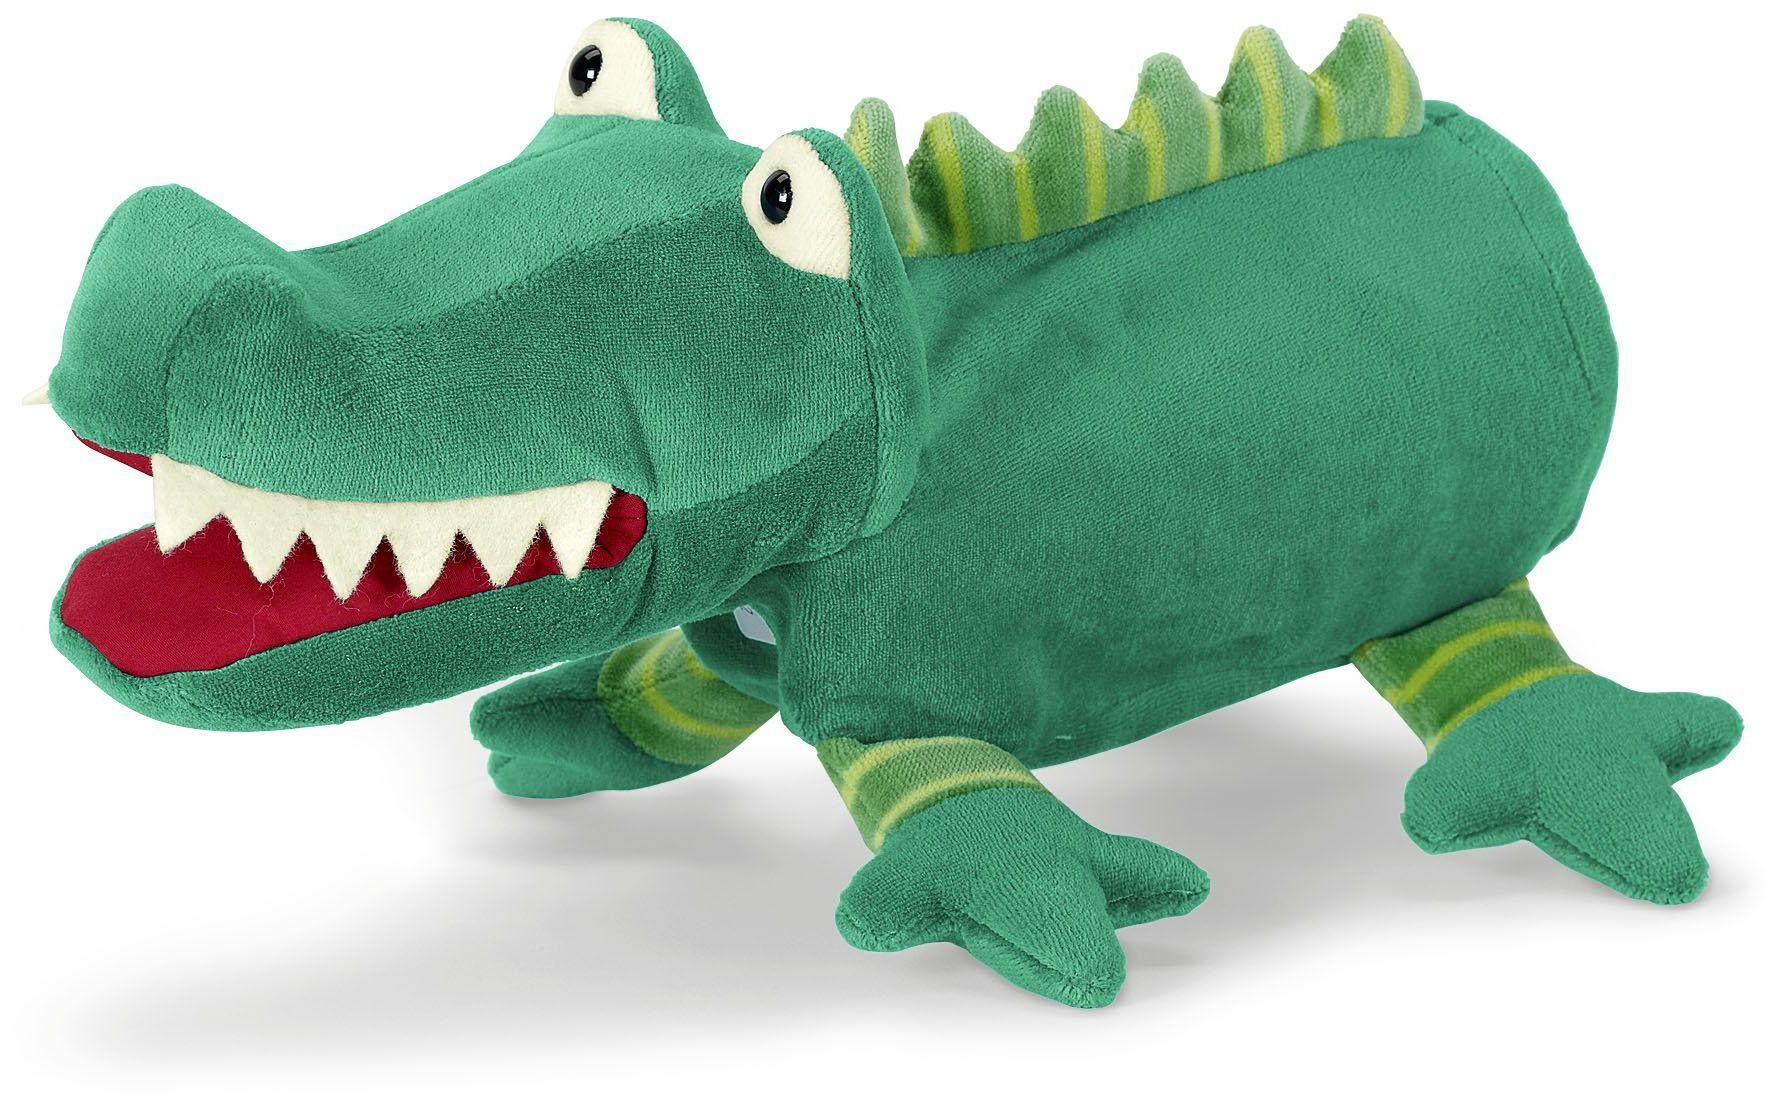 Sterntaler Ręczna laleczka krokodyl 22 x 30 x 10 cm, zielona